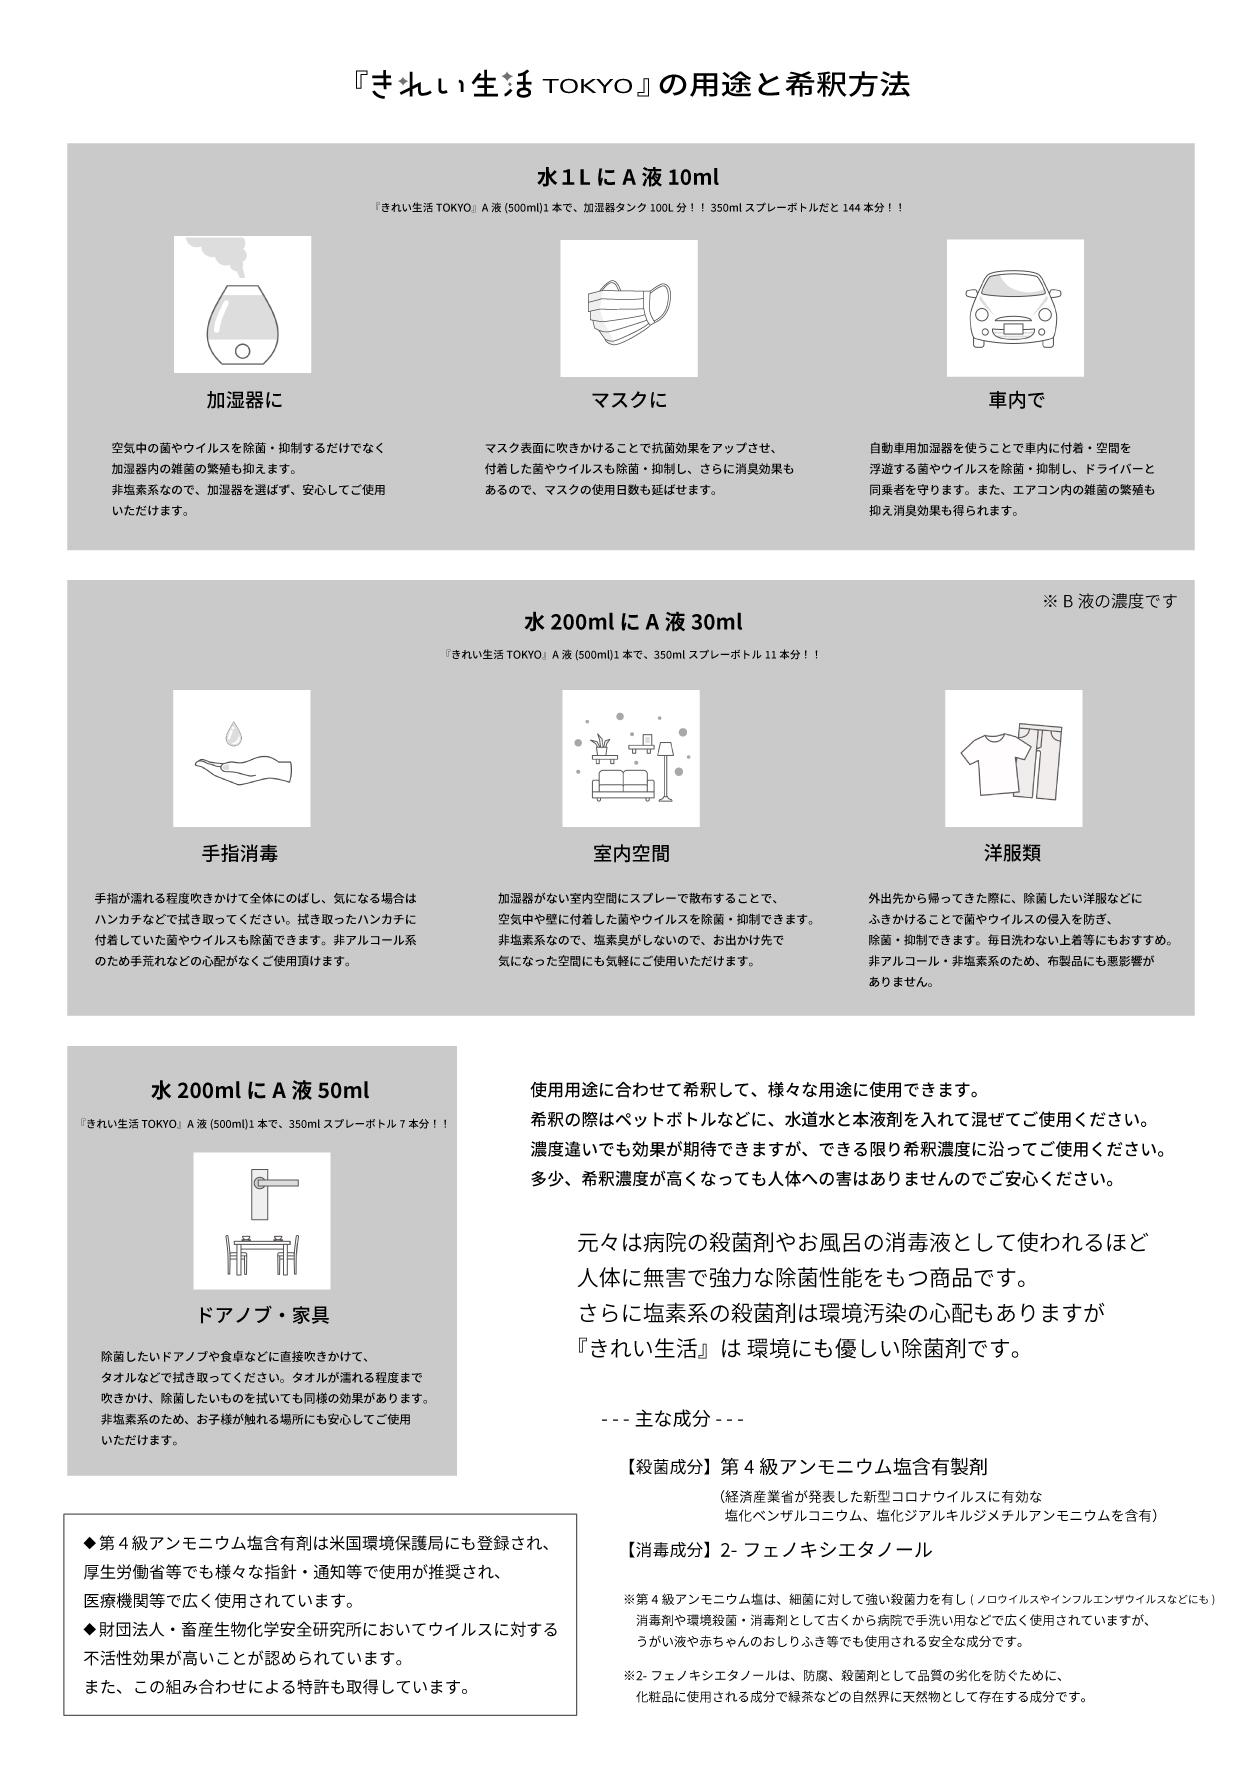 『きれい生活TOKYO』の用途と希釈方法